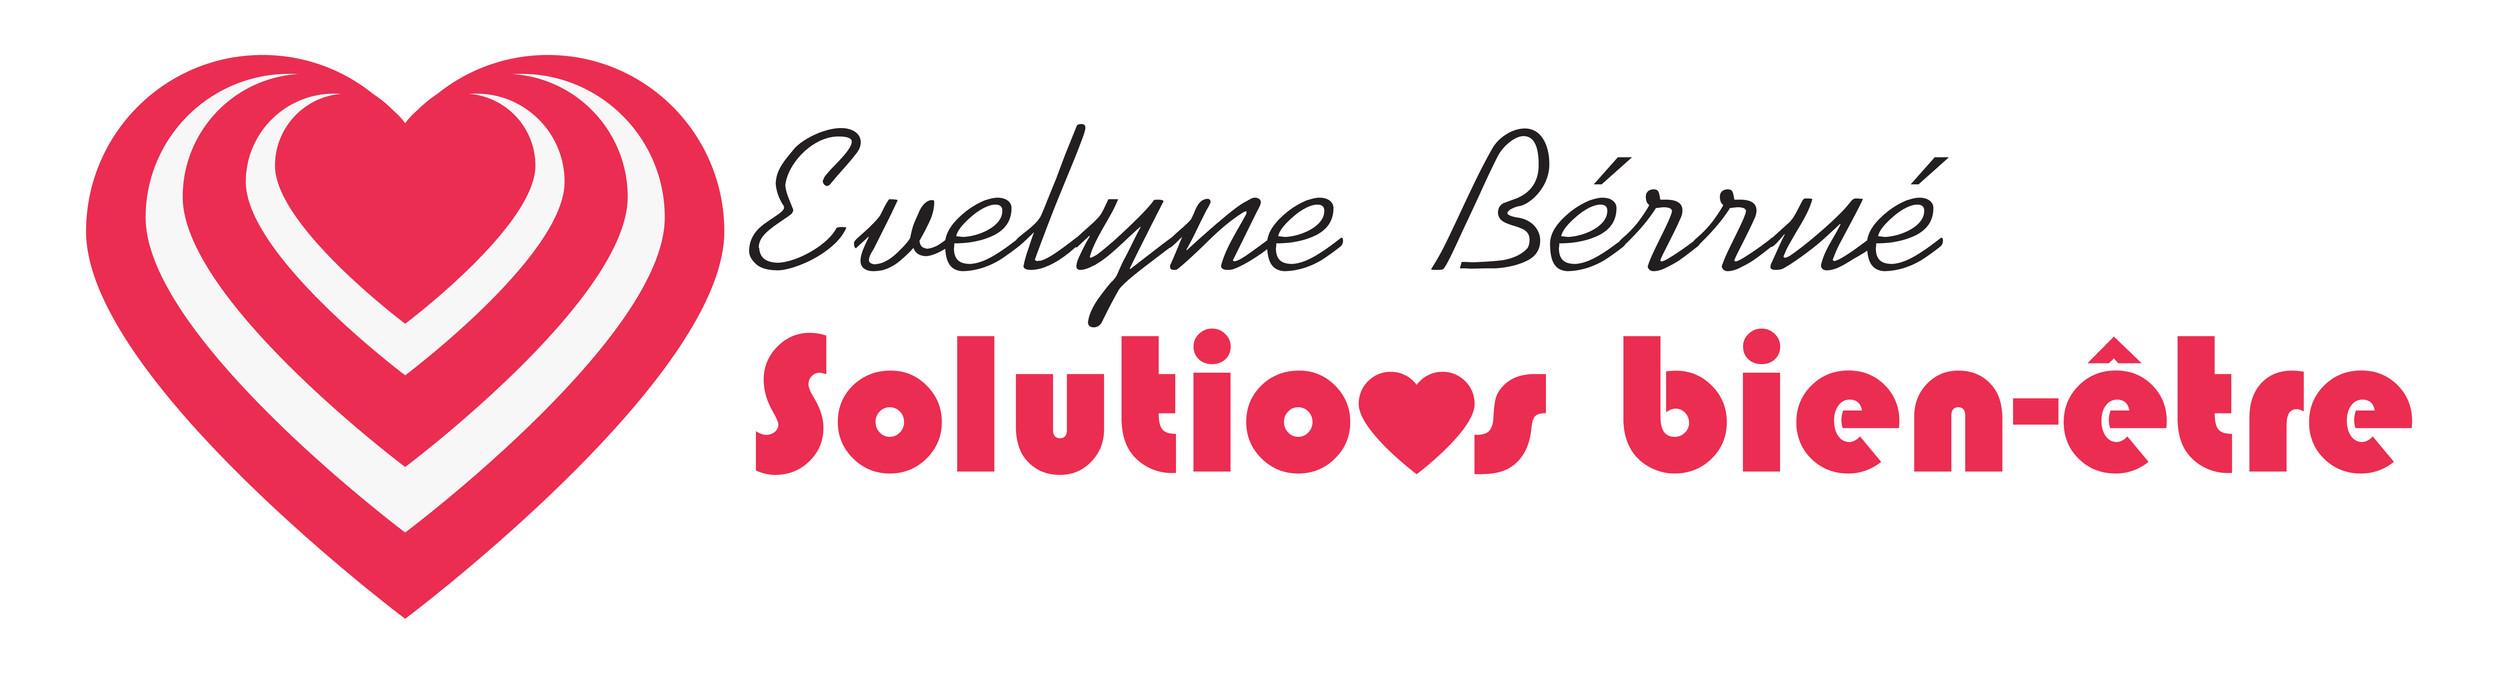 Accessoires | bienetre-solutions, Evelyne Berrué boutique